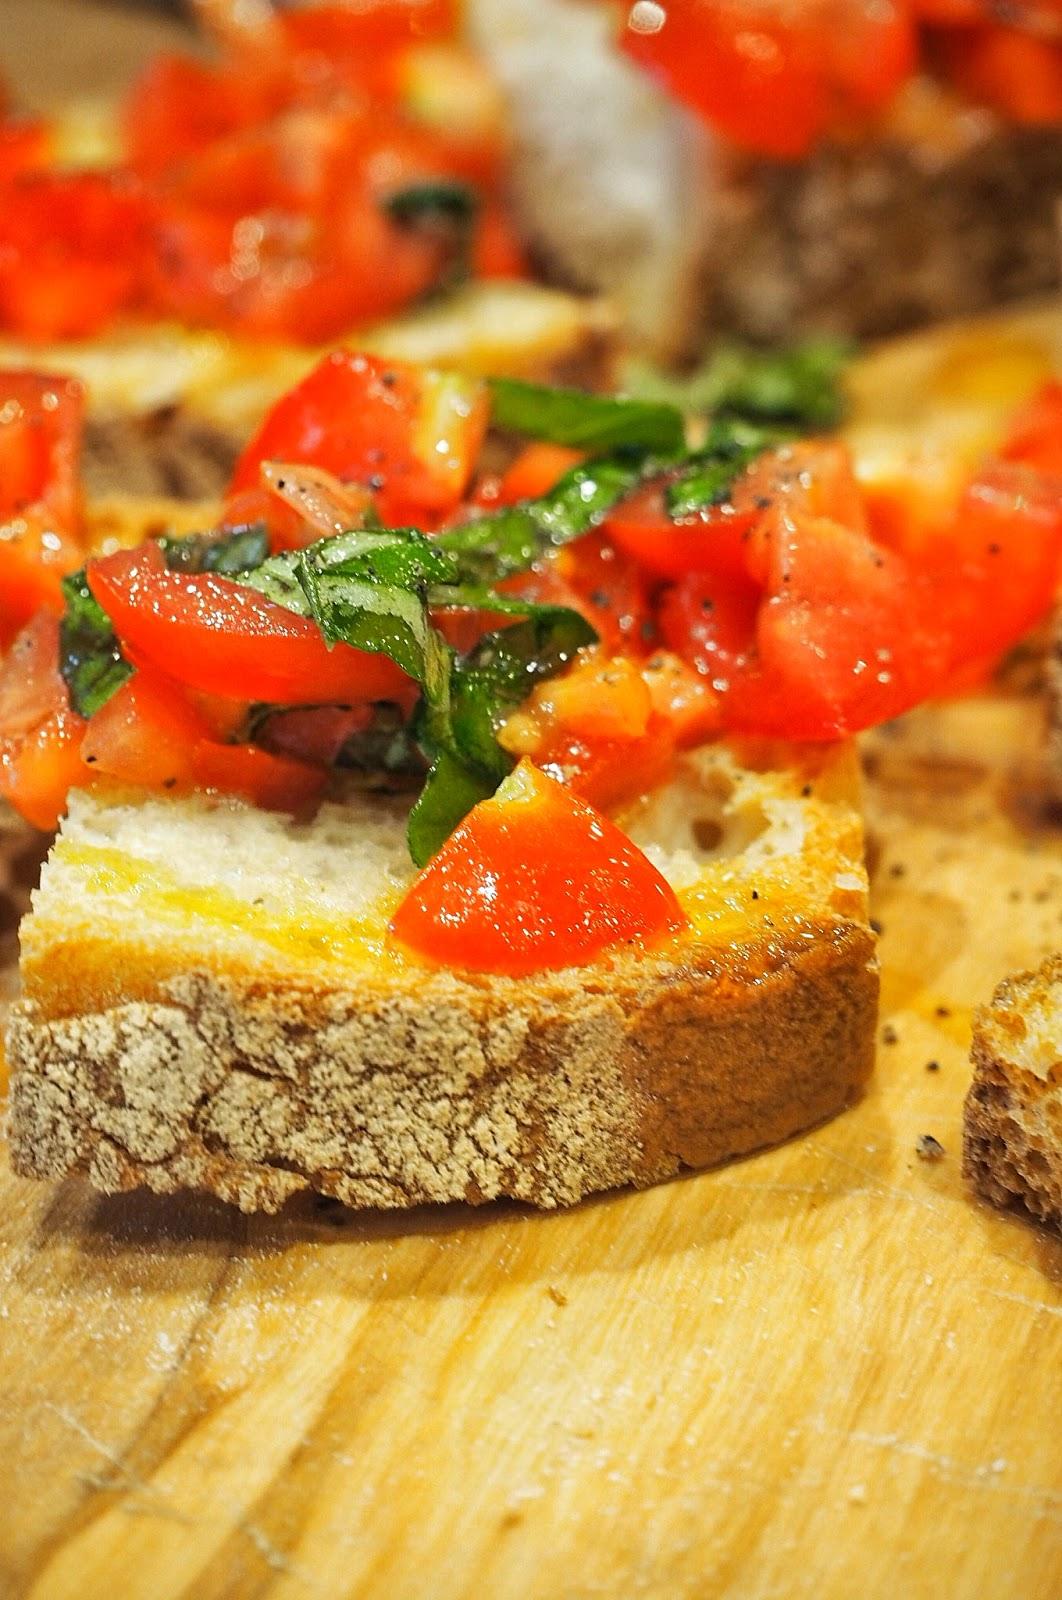 Italian antipasti tomato bruschetta